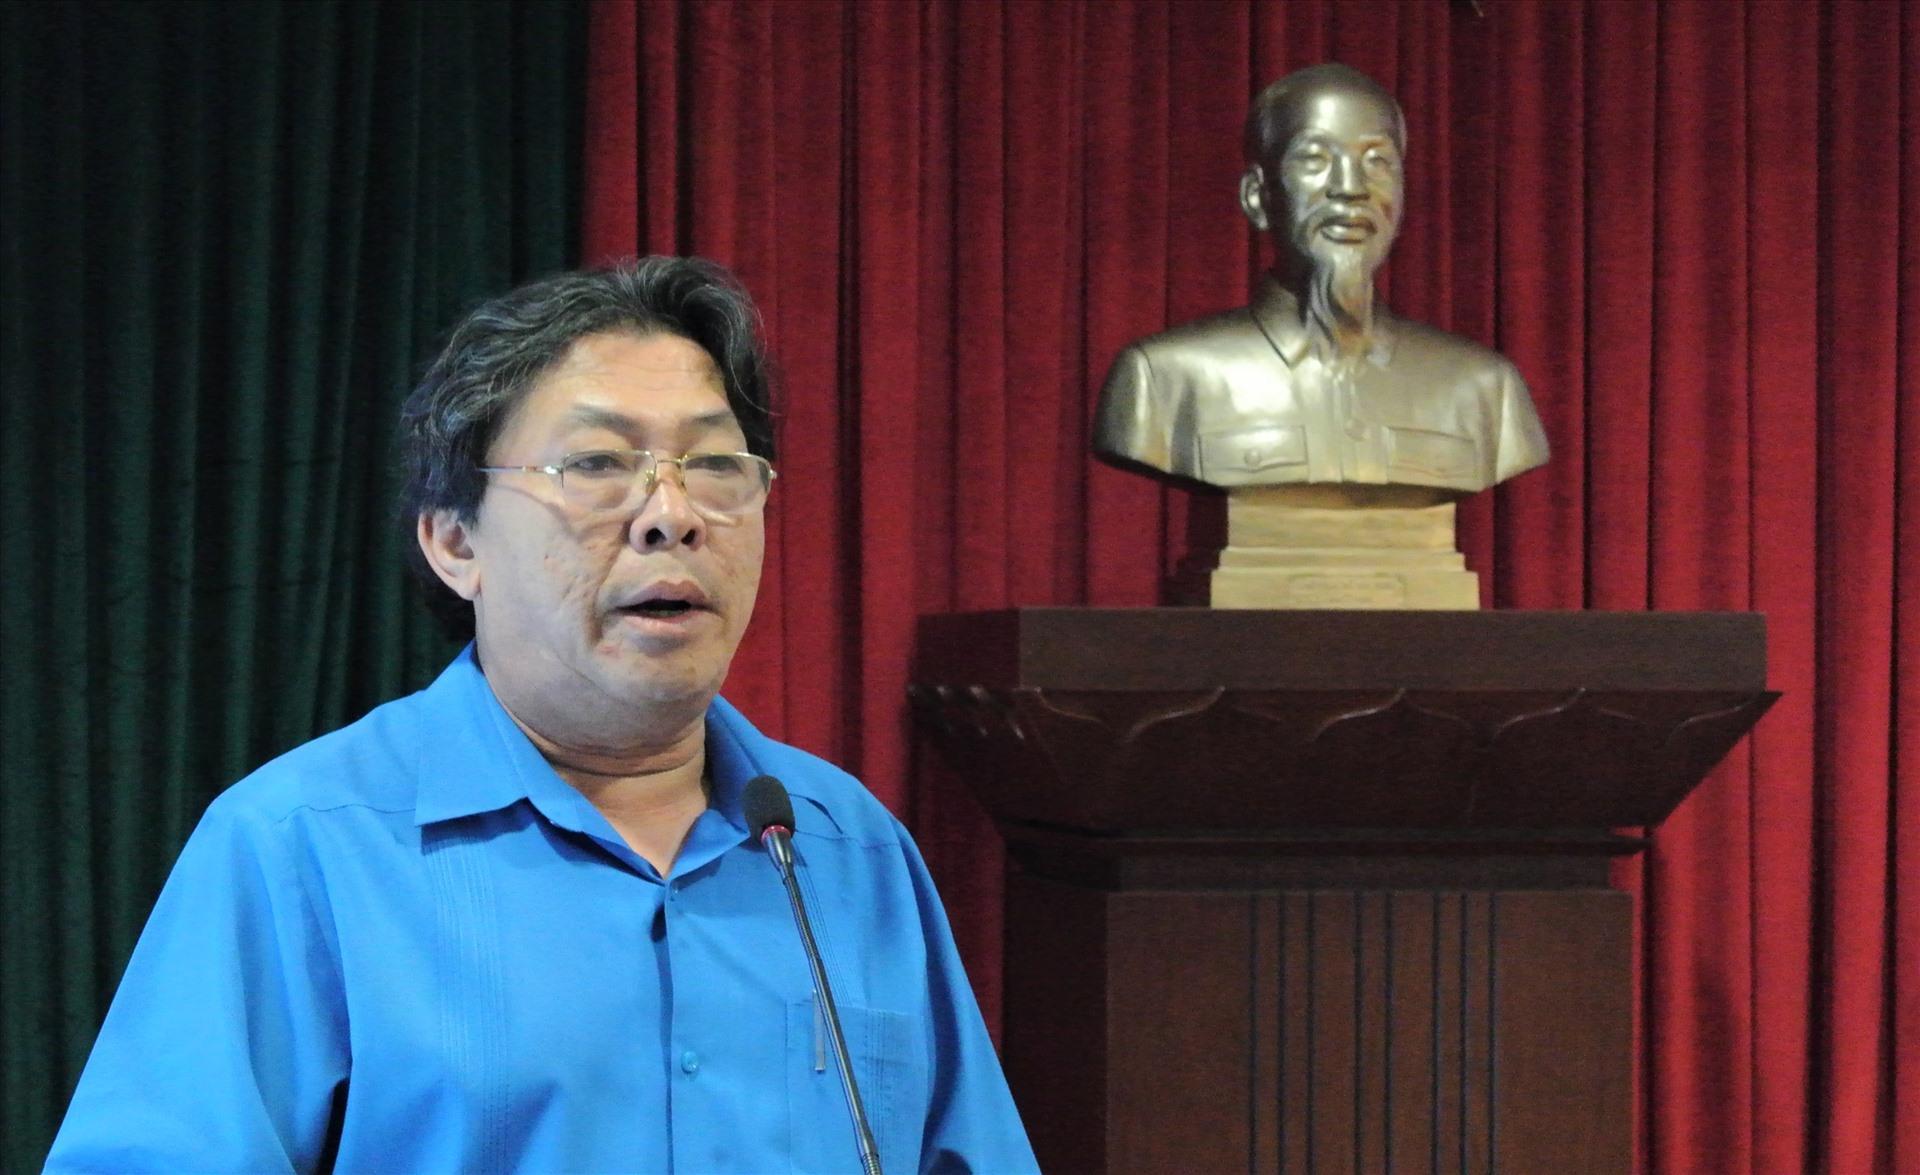 Ông Phan Mạnh Hùng: Cán bộ CĐ Caosu Việt Nam cần phải nắm chắc quy định pháp luật về lao động để bảo vệ quyền lợi của người lao động. Ảnh Nam Dương